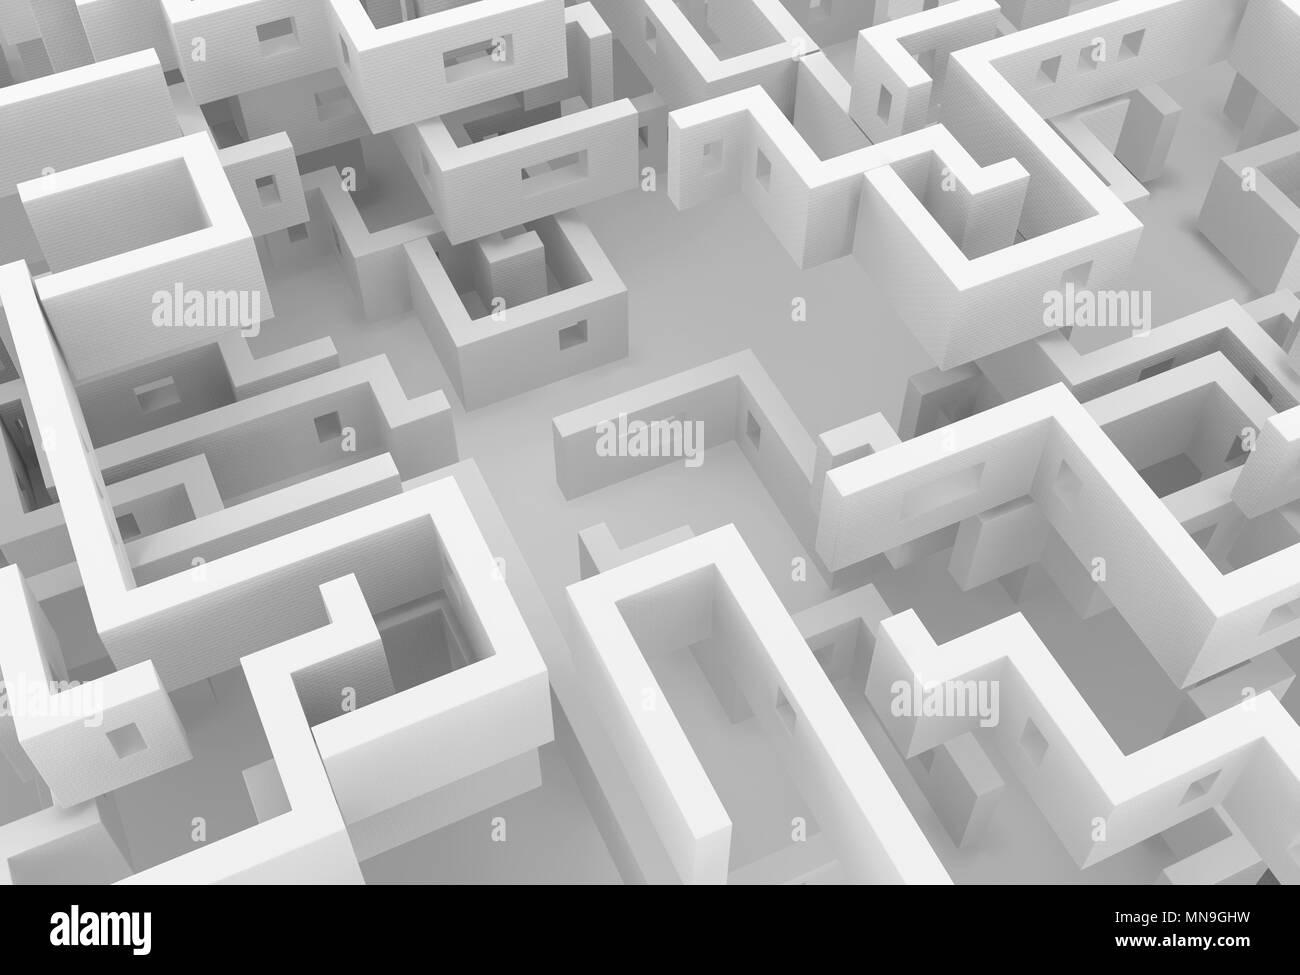 Pared Blanca LABERINTO laberinto espacio vacío abstracto, ilustración 3d, en horizontal Imagen De Stock